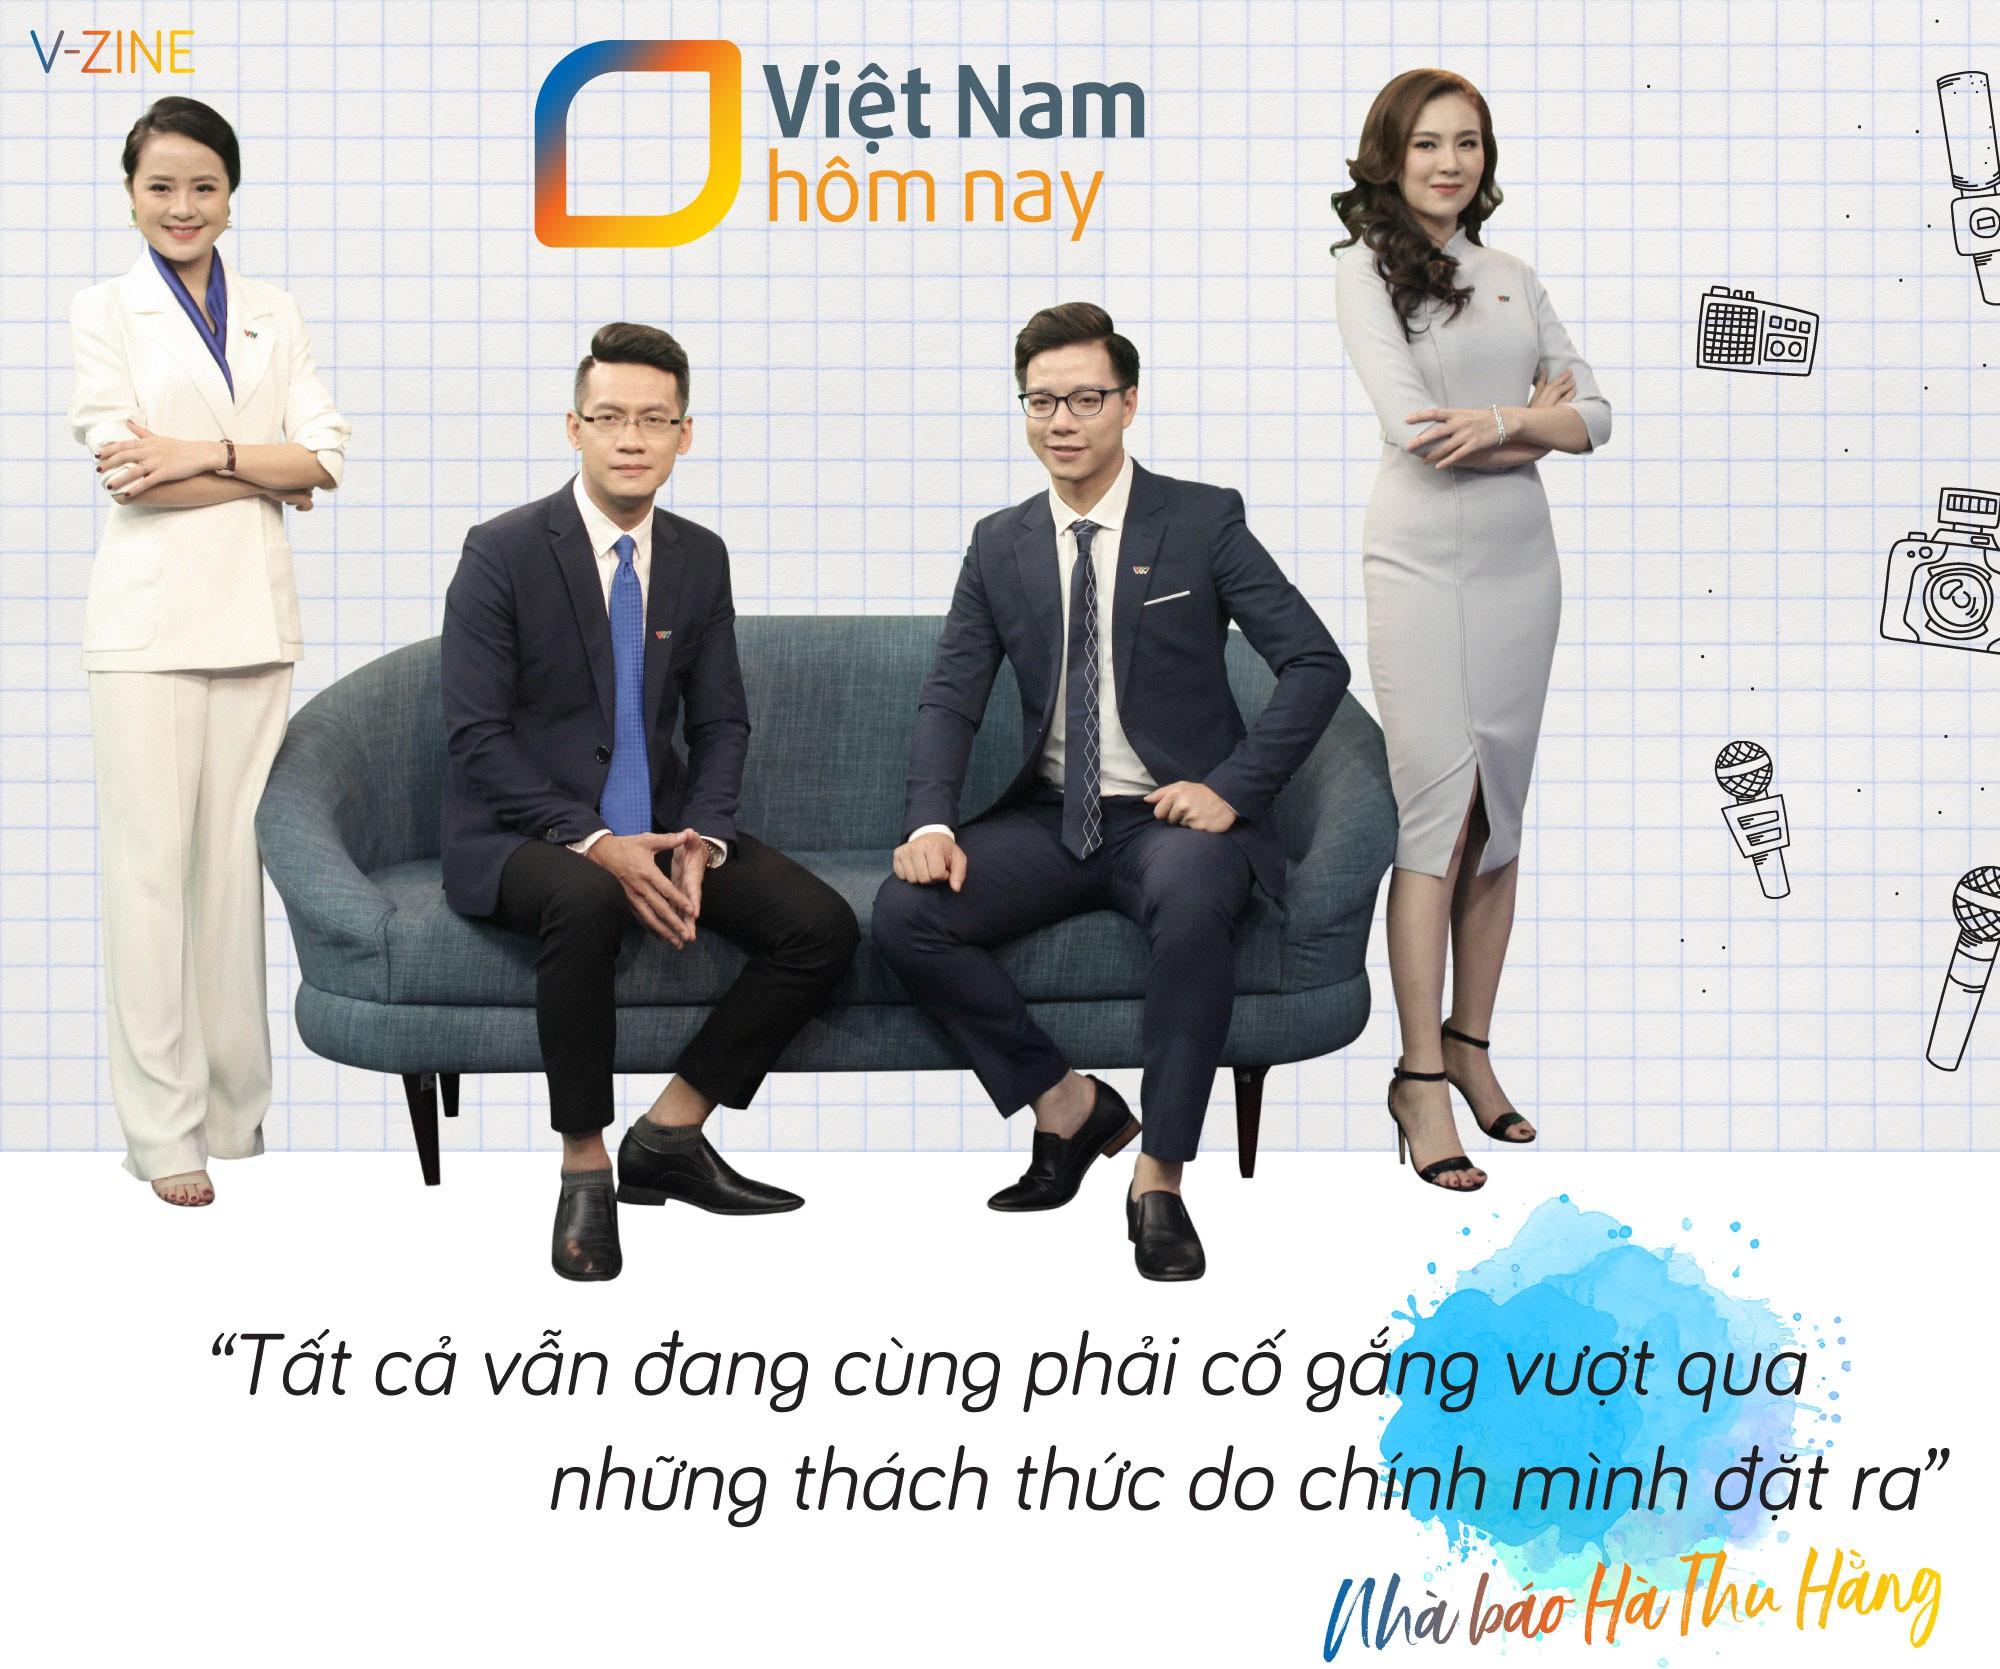 Việt Nam hôm nay - Hội tụ dòng chảy tin tức - Ảnh 4.